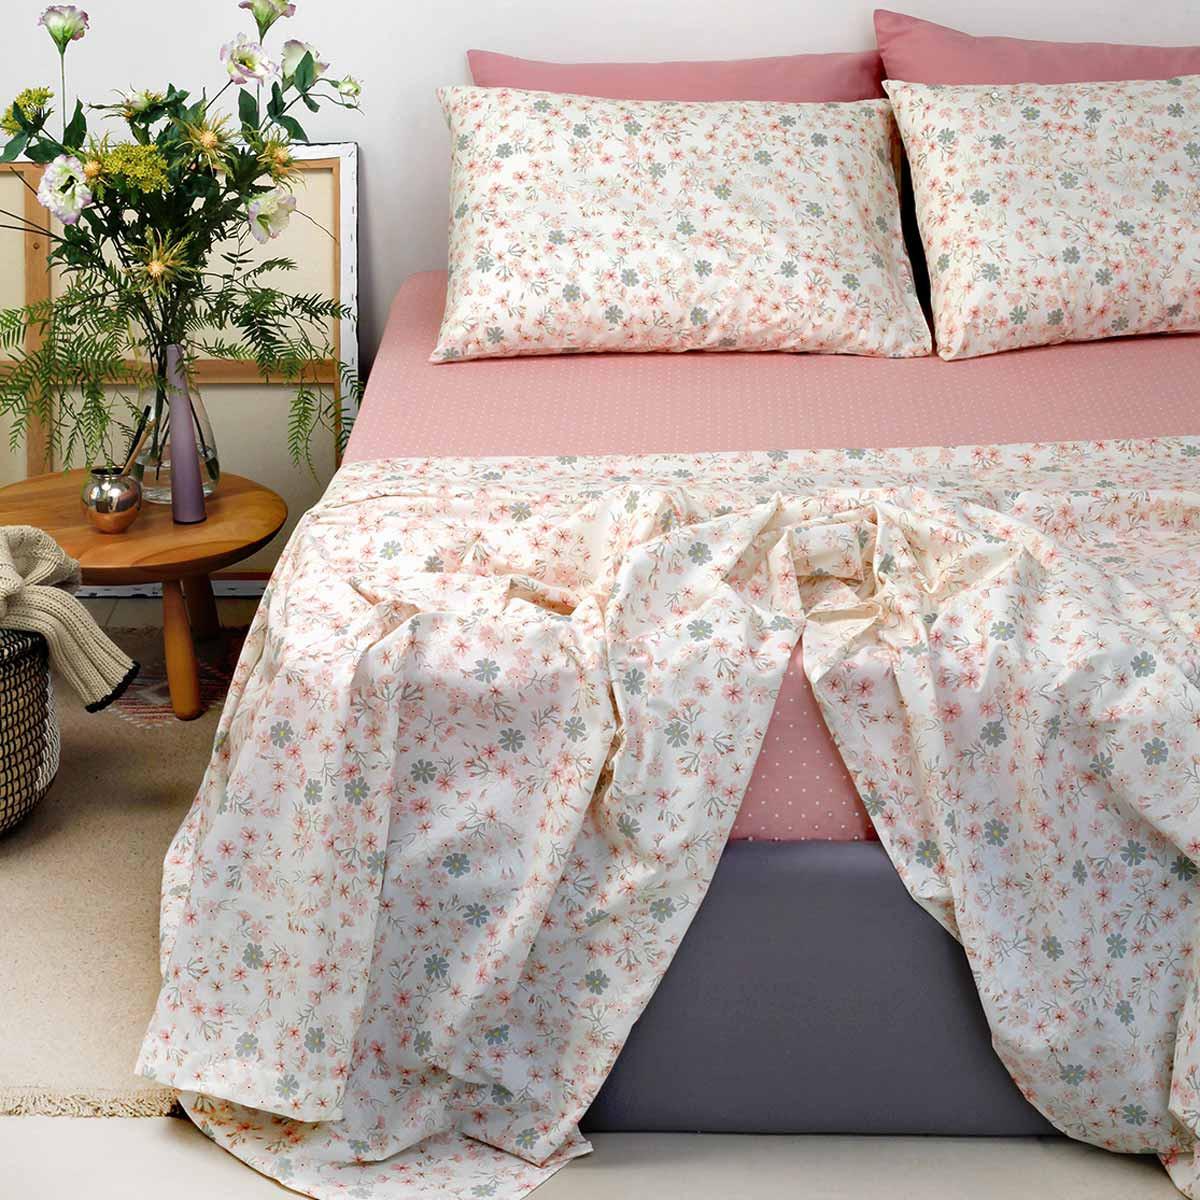 Σεντόνια Διπλά (Σετ) Melinen Ultra Daisy Rosette home   κρεβατοκάμαρα   σεντόνια   σεντόνια ημίδιπλα   διπλά